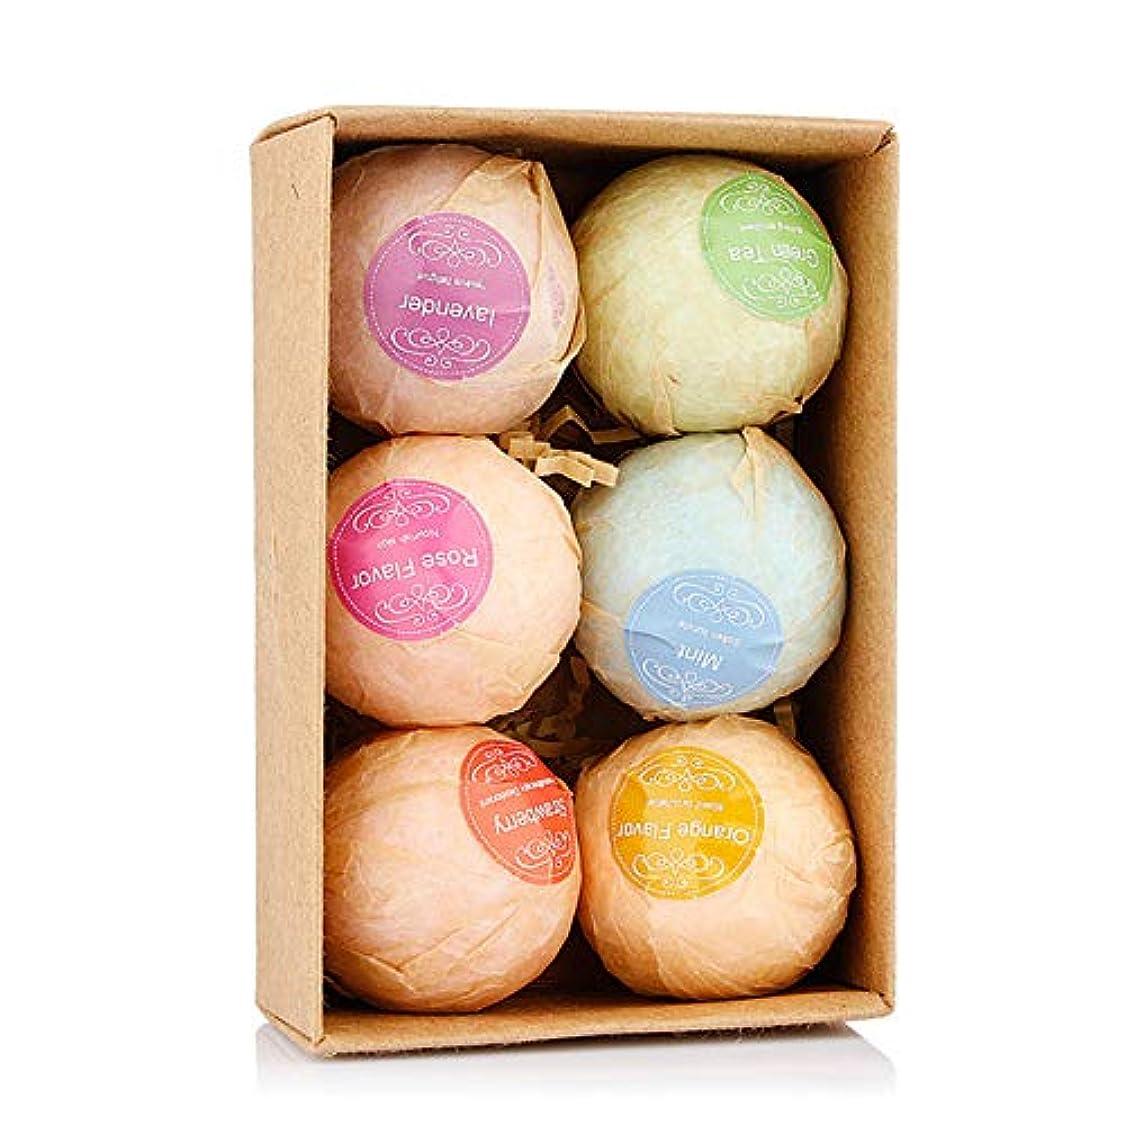 メタンアーティスト閃光バスボム 入浴剤 炭酸 バスボール 6つの香り 手作り 入浴料 うるおいプラス お風呂用 入浴剤 ギフトセット6枚 プレゼント最適